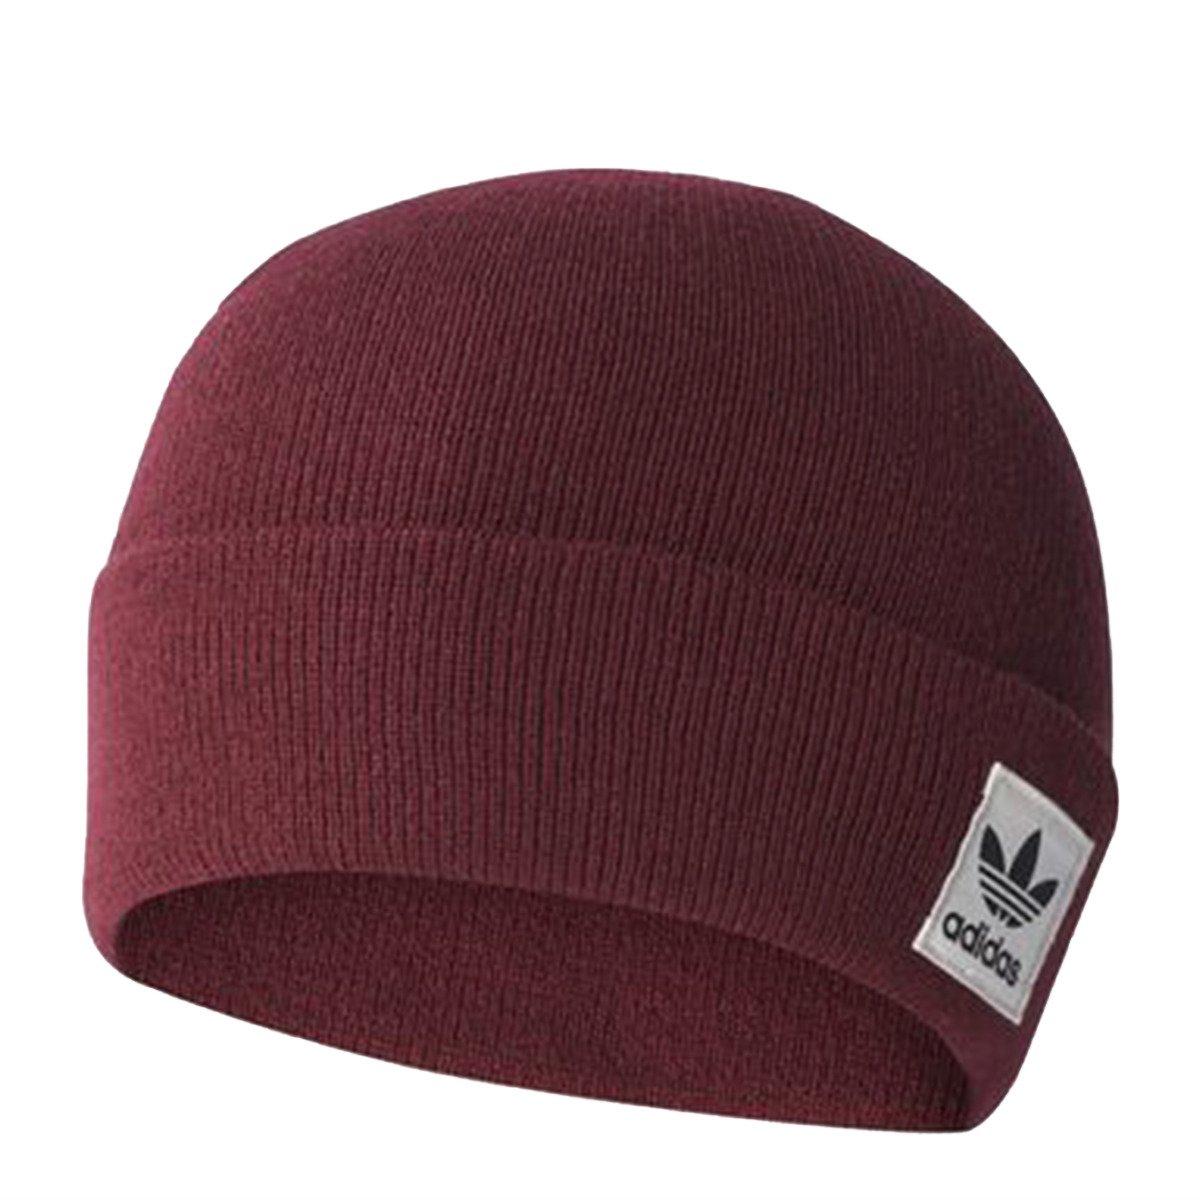 196dcfeb5e3 Adidas Originals High Beanie knit hat - BR2766 Sznurowadła Kaps ...